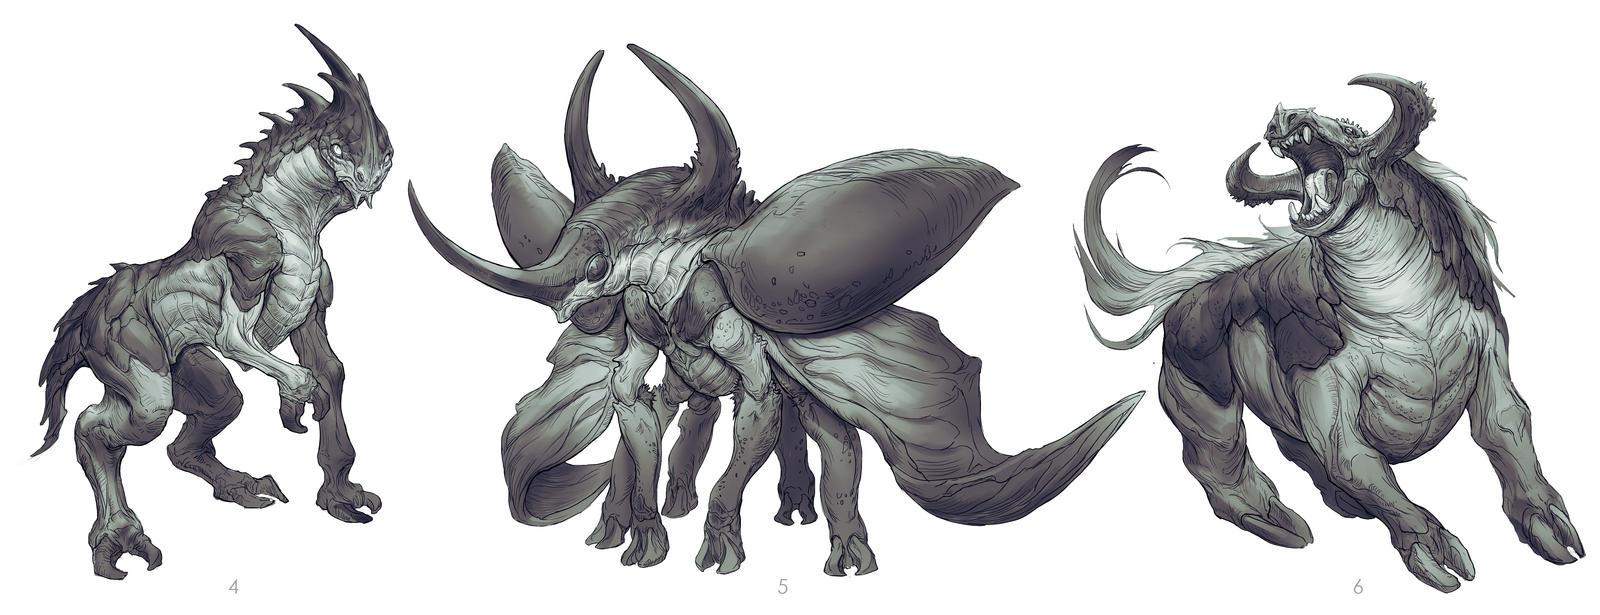 Horse/Hercules Beetle 2 by yefumm